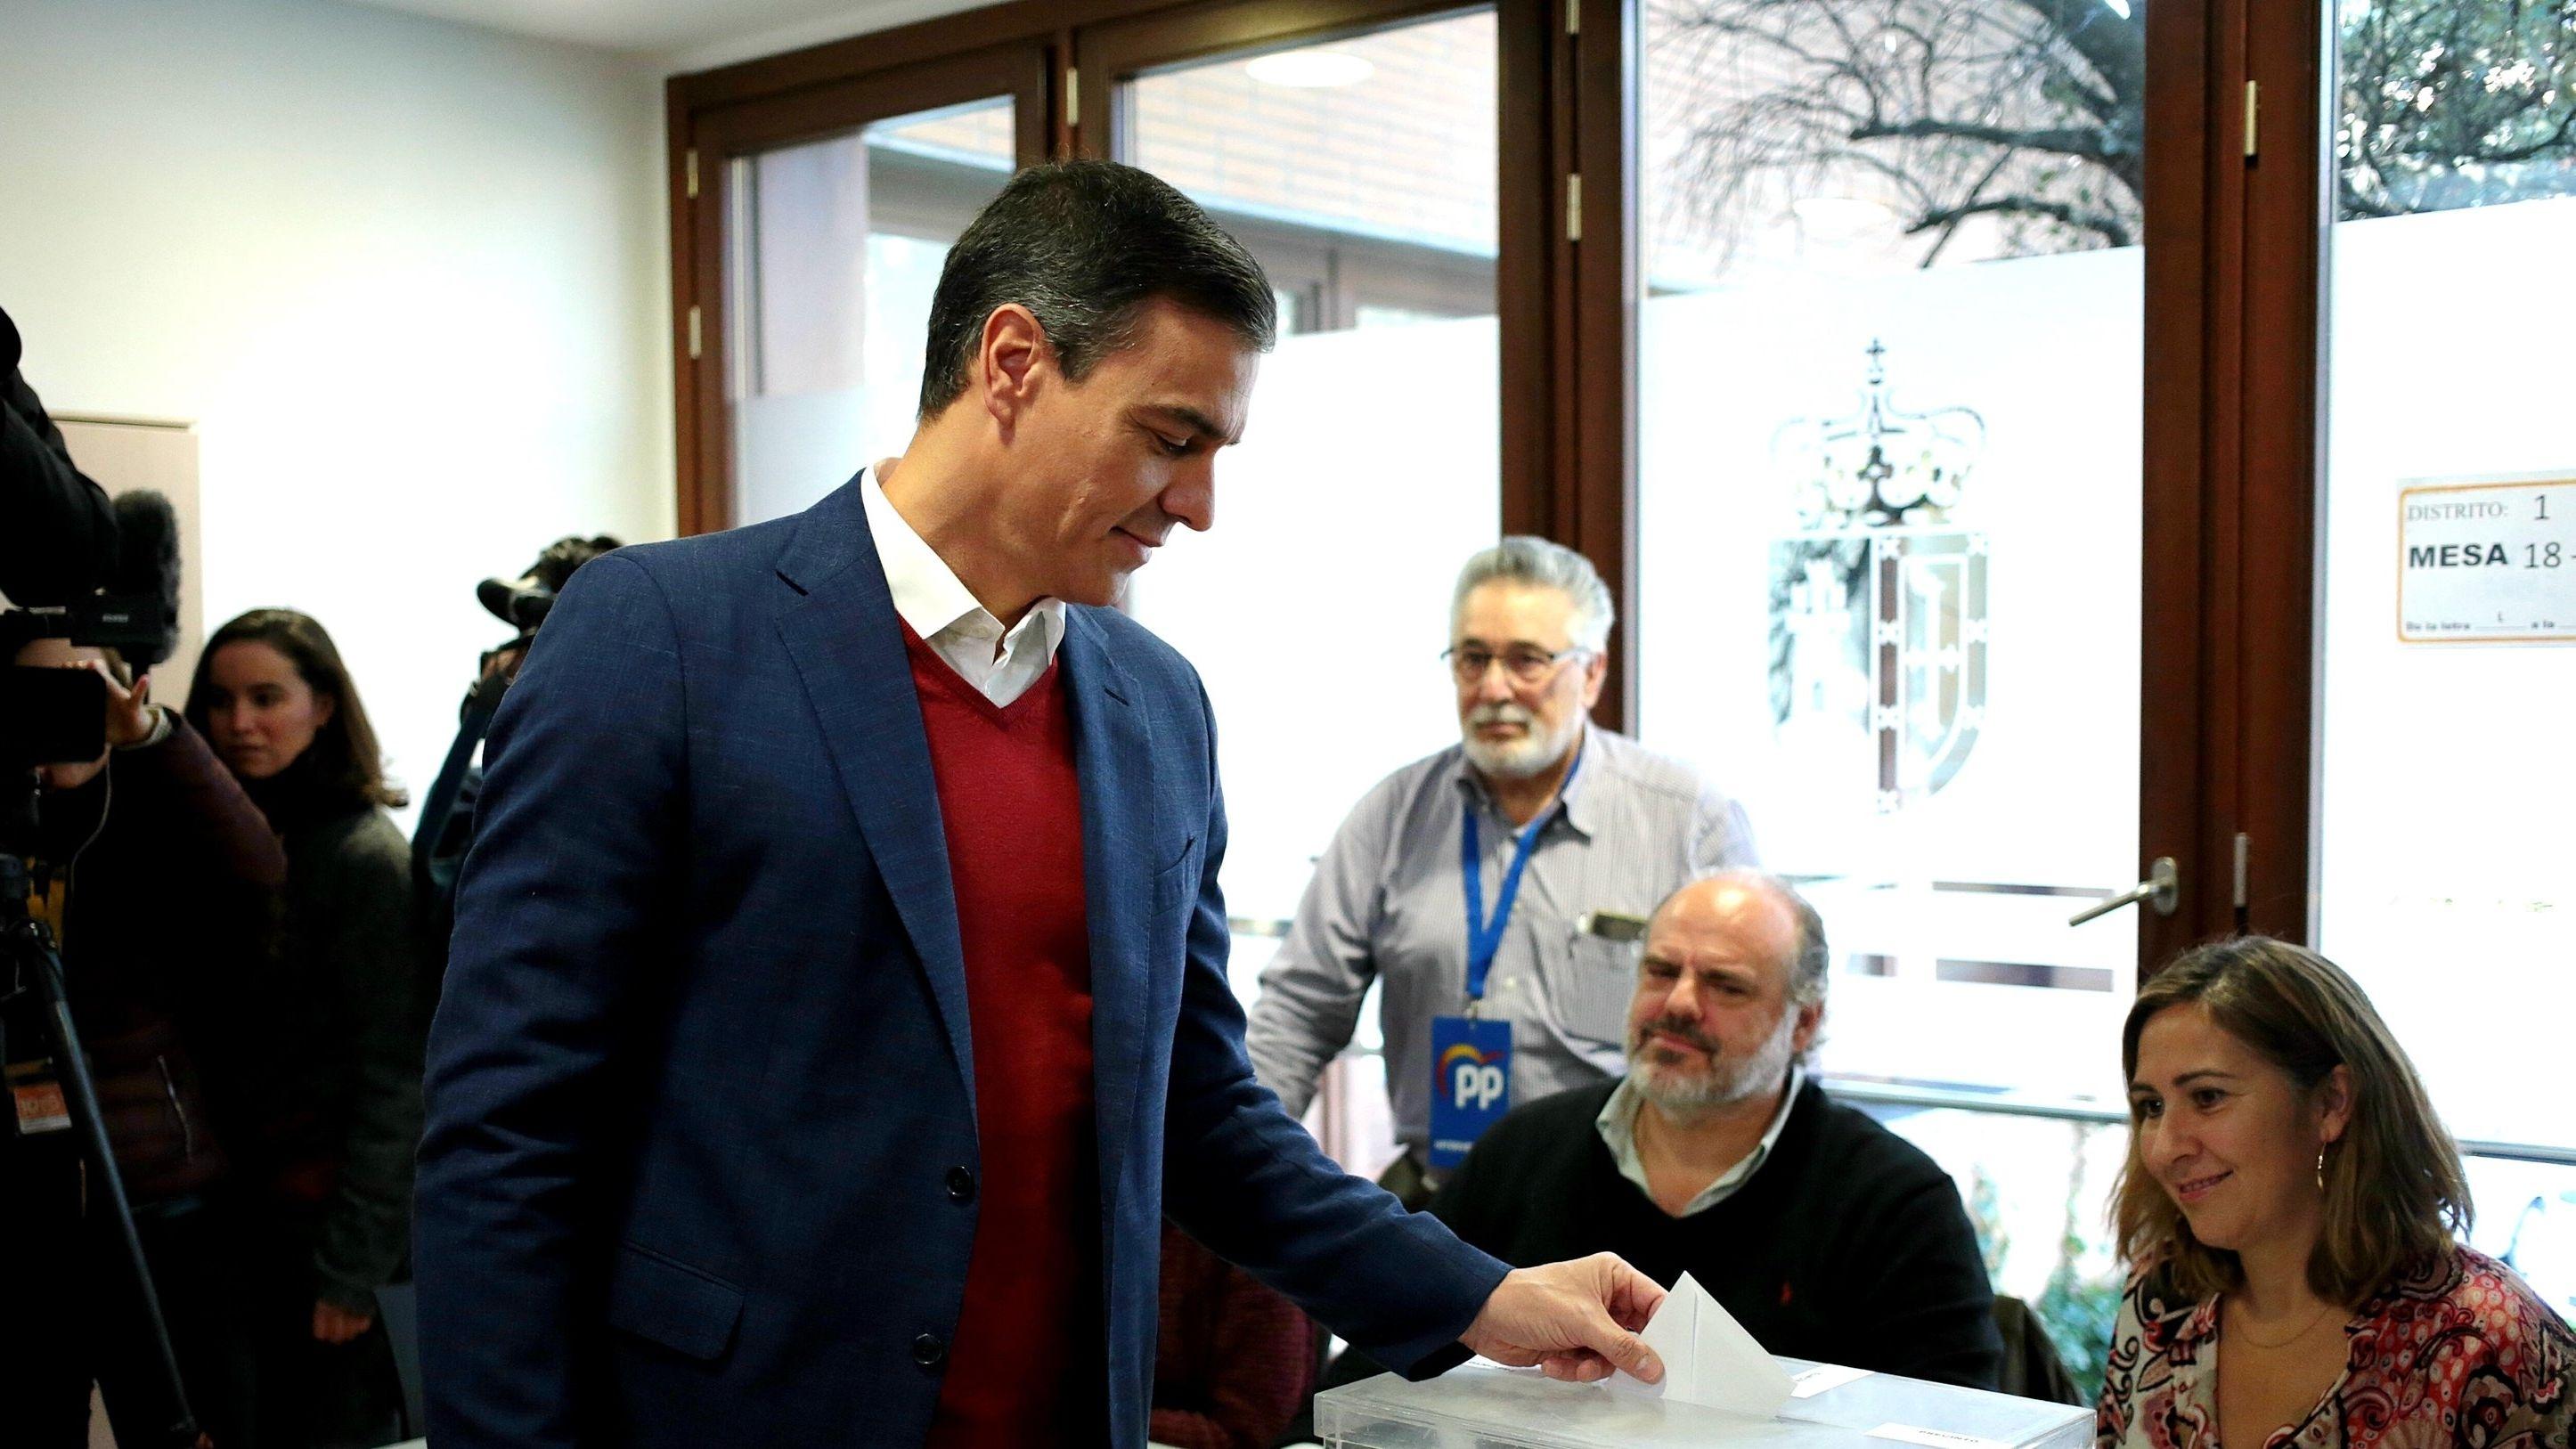 Pedro  Sánchez (M), Premierminister von Spanien, gibt seinen Stimmzettel in einem Wahllokal ab.